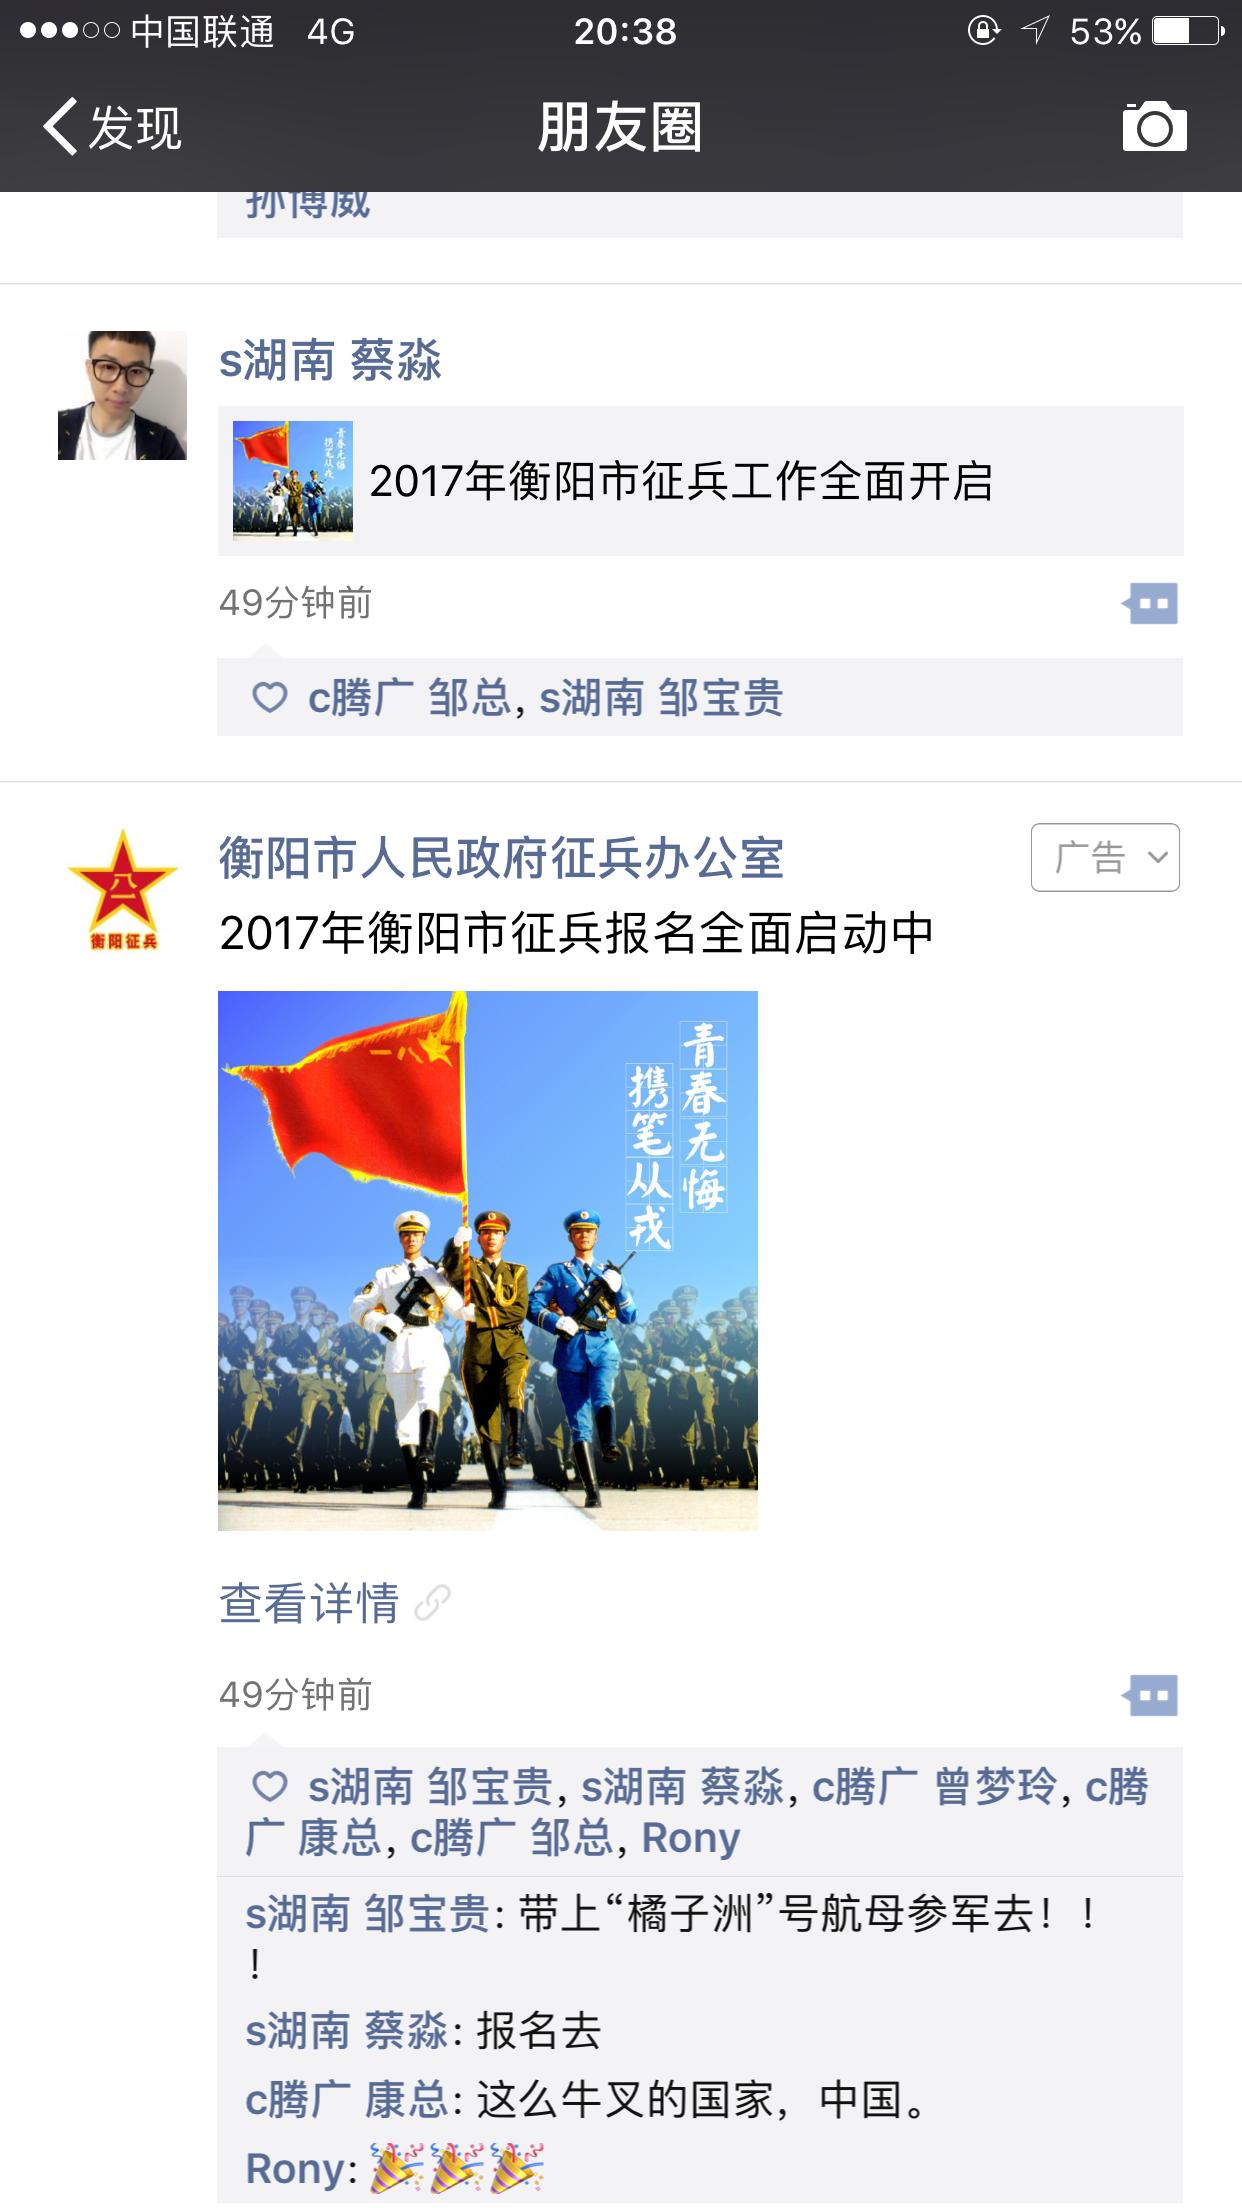 微信朋友圈广告-腾讯社交广告-腾广传媒有限公司西安分公司